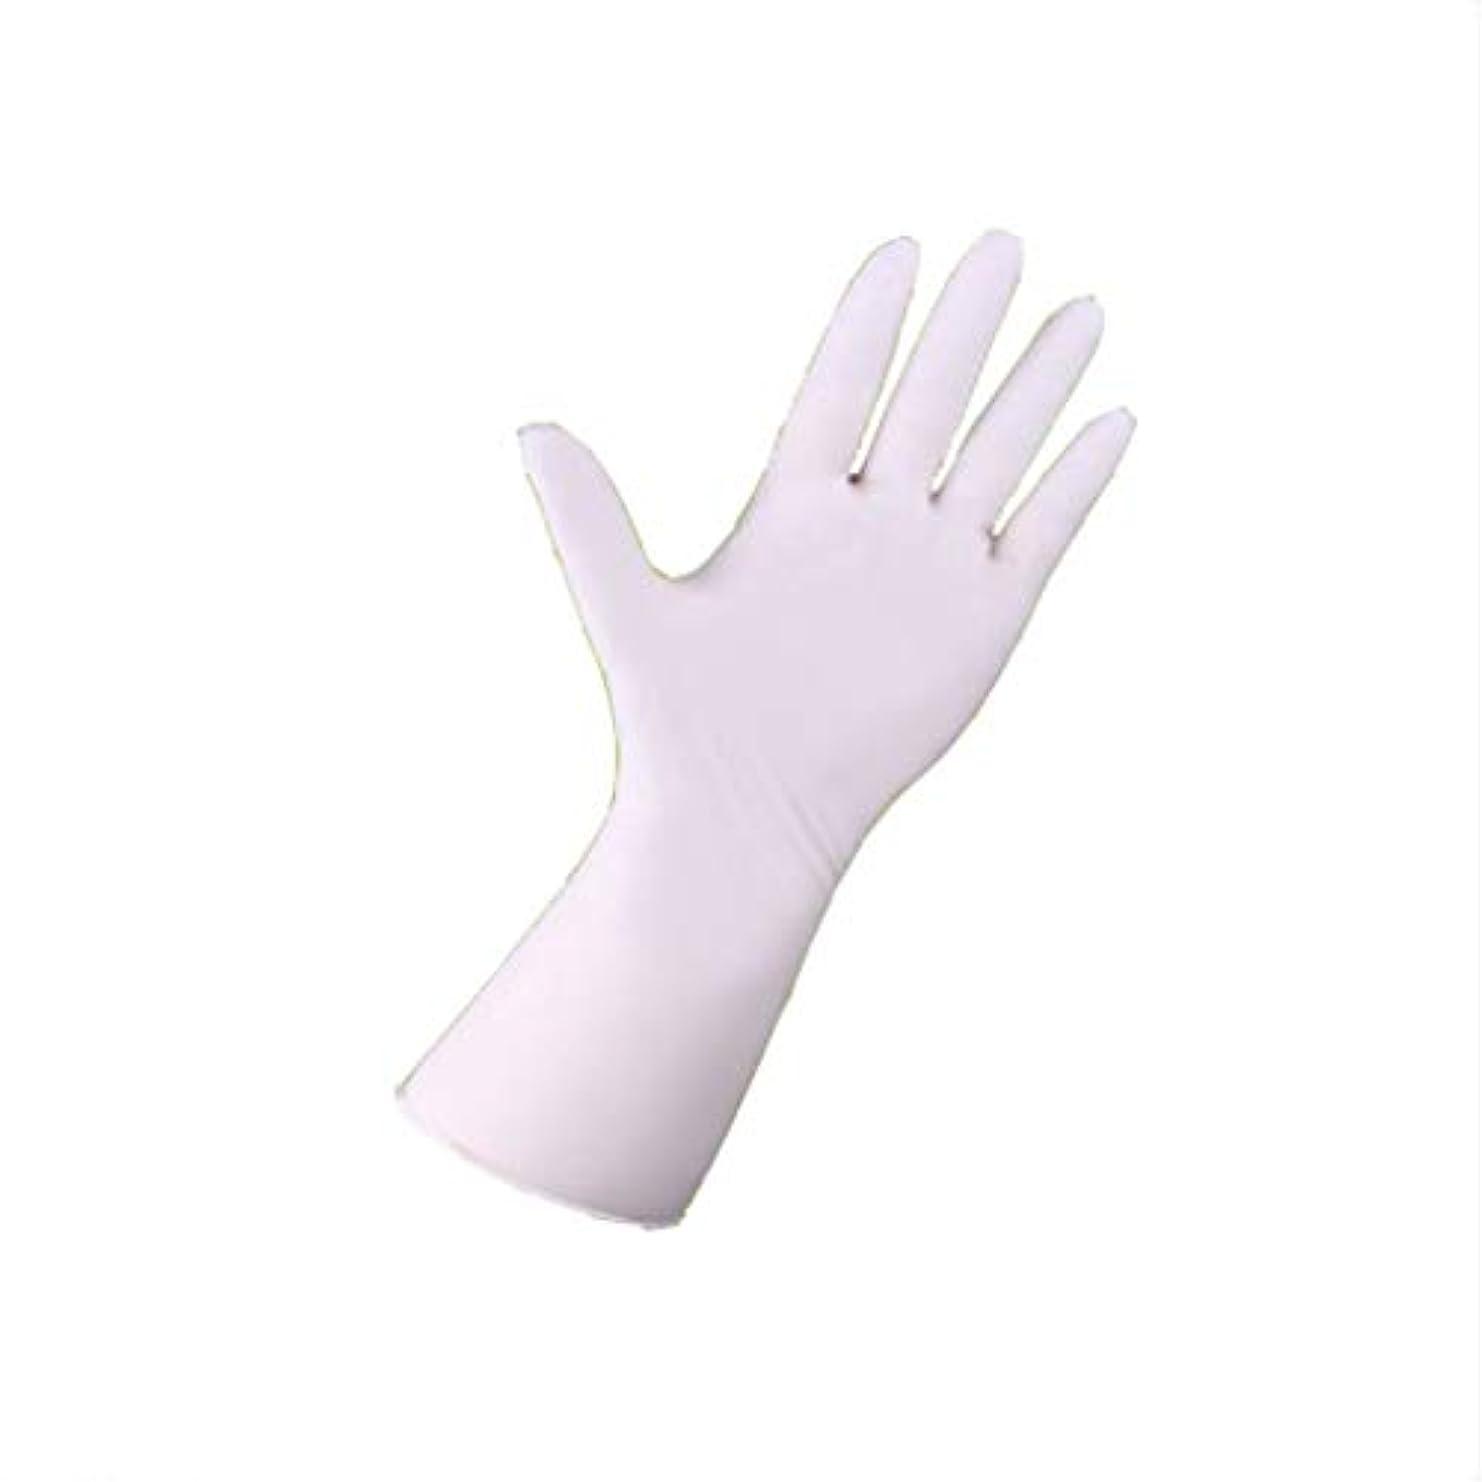 窒息させるランプシュガー手袋、使い捨て手袋、長いゴムラボ、帯電防止ペディキュア、マッサージ、ハンドマッサージ100 (サイズ さいず : S s)